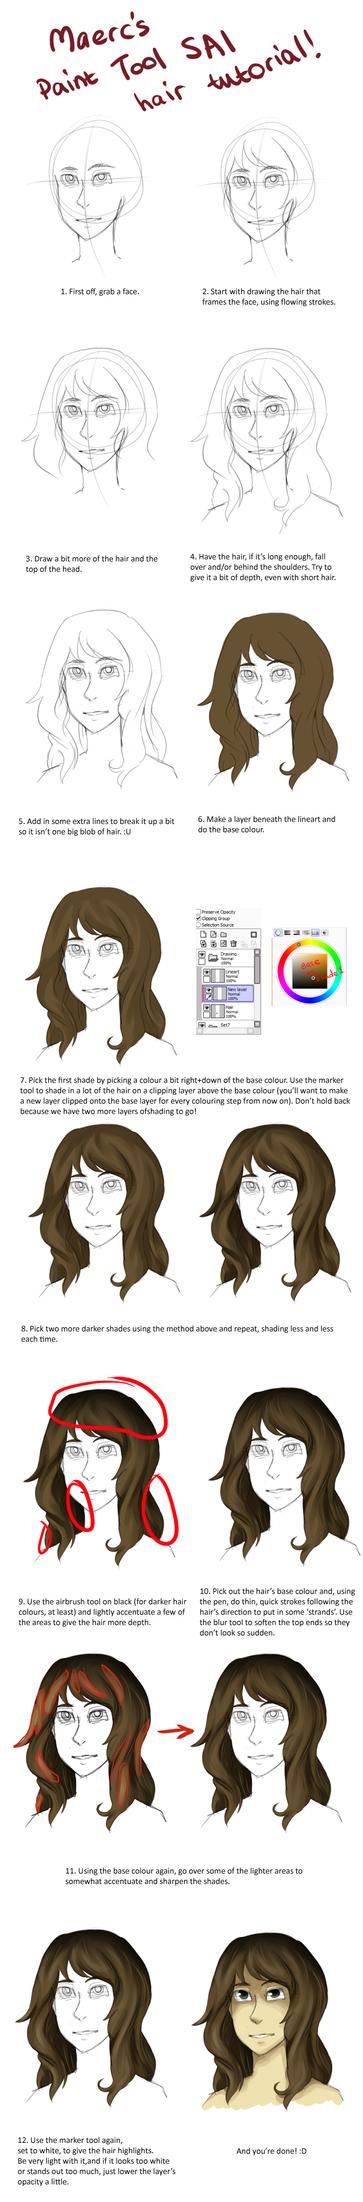 SAI hair tutorial by Maerc-Eci